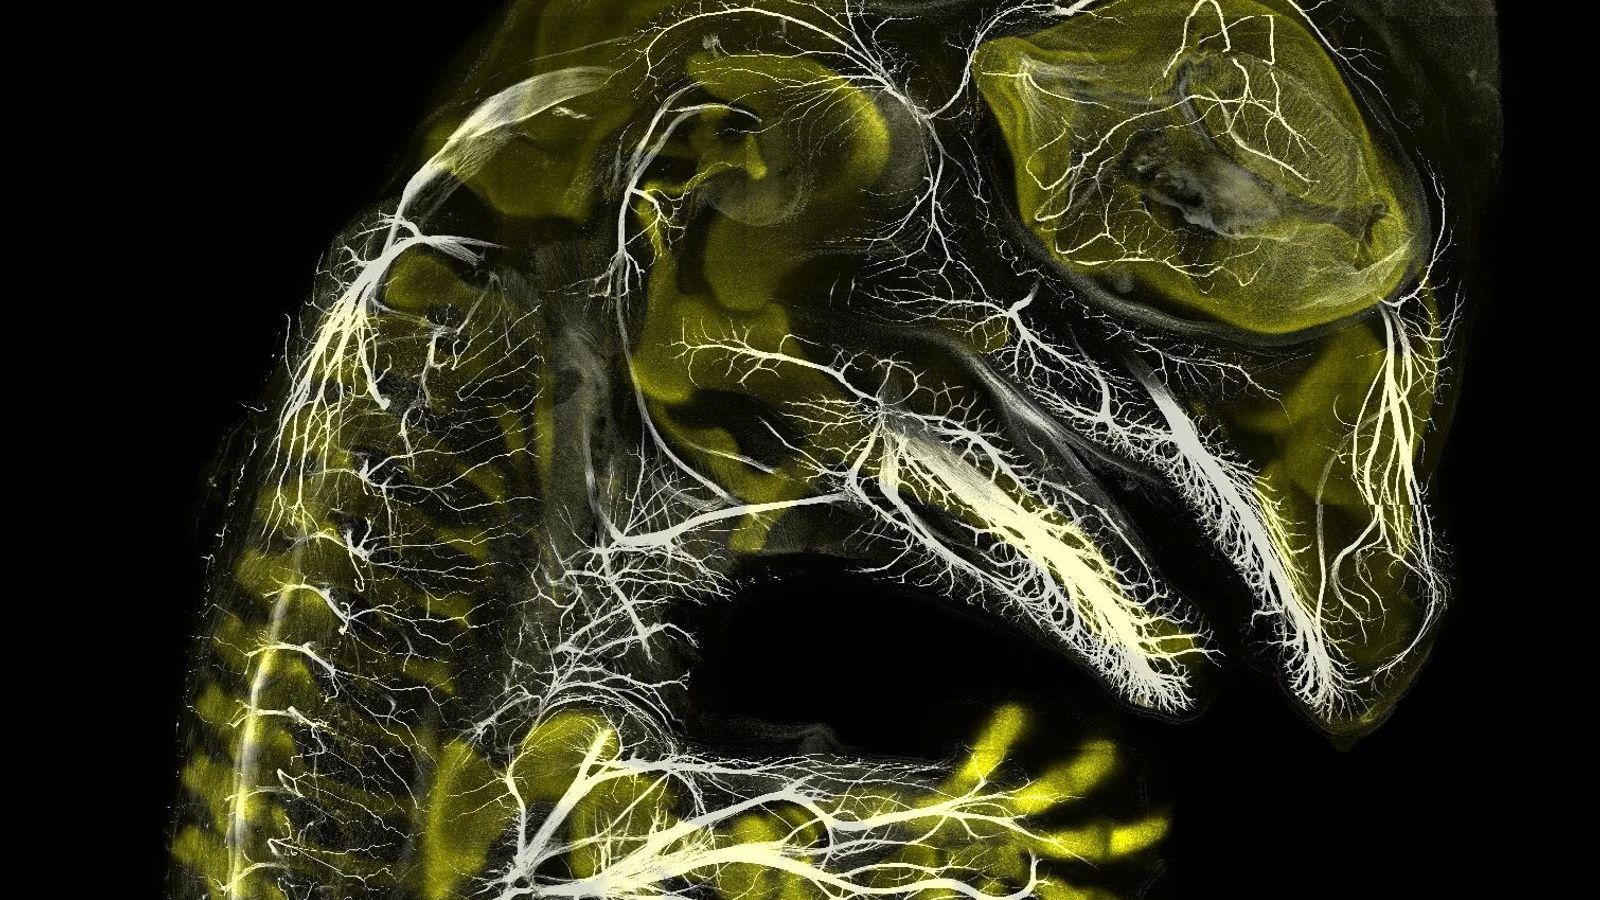 Noch nicht ganz Jurassic Park: Diese Immunfluoreszenz-Aufnahme, die der Yale-Absolvent Daniel Smith Paredes zusammen mit dem ...